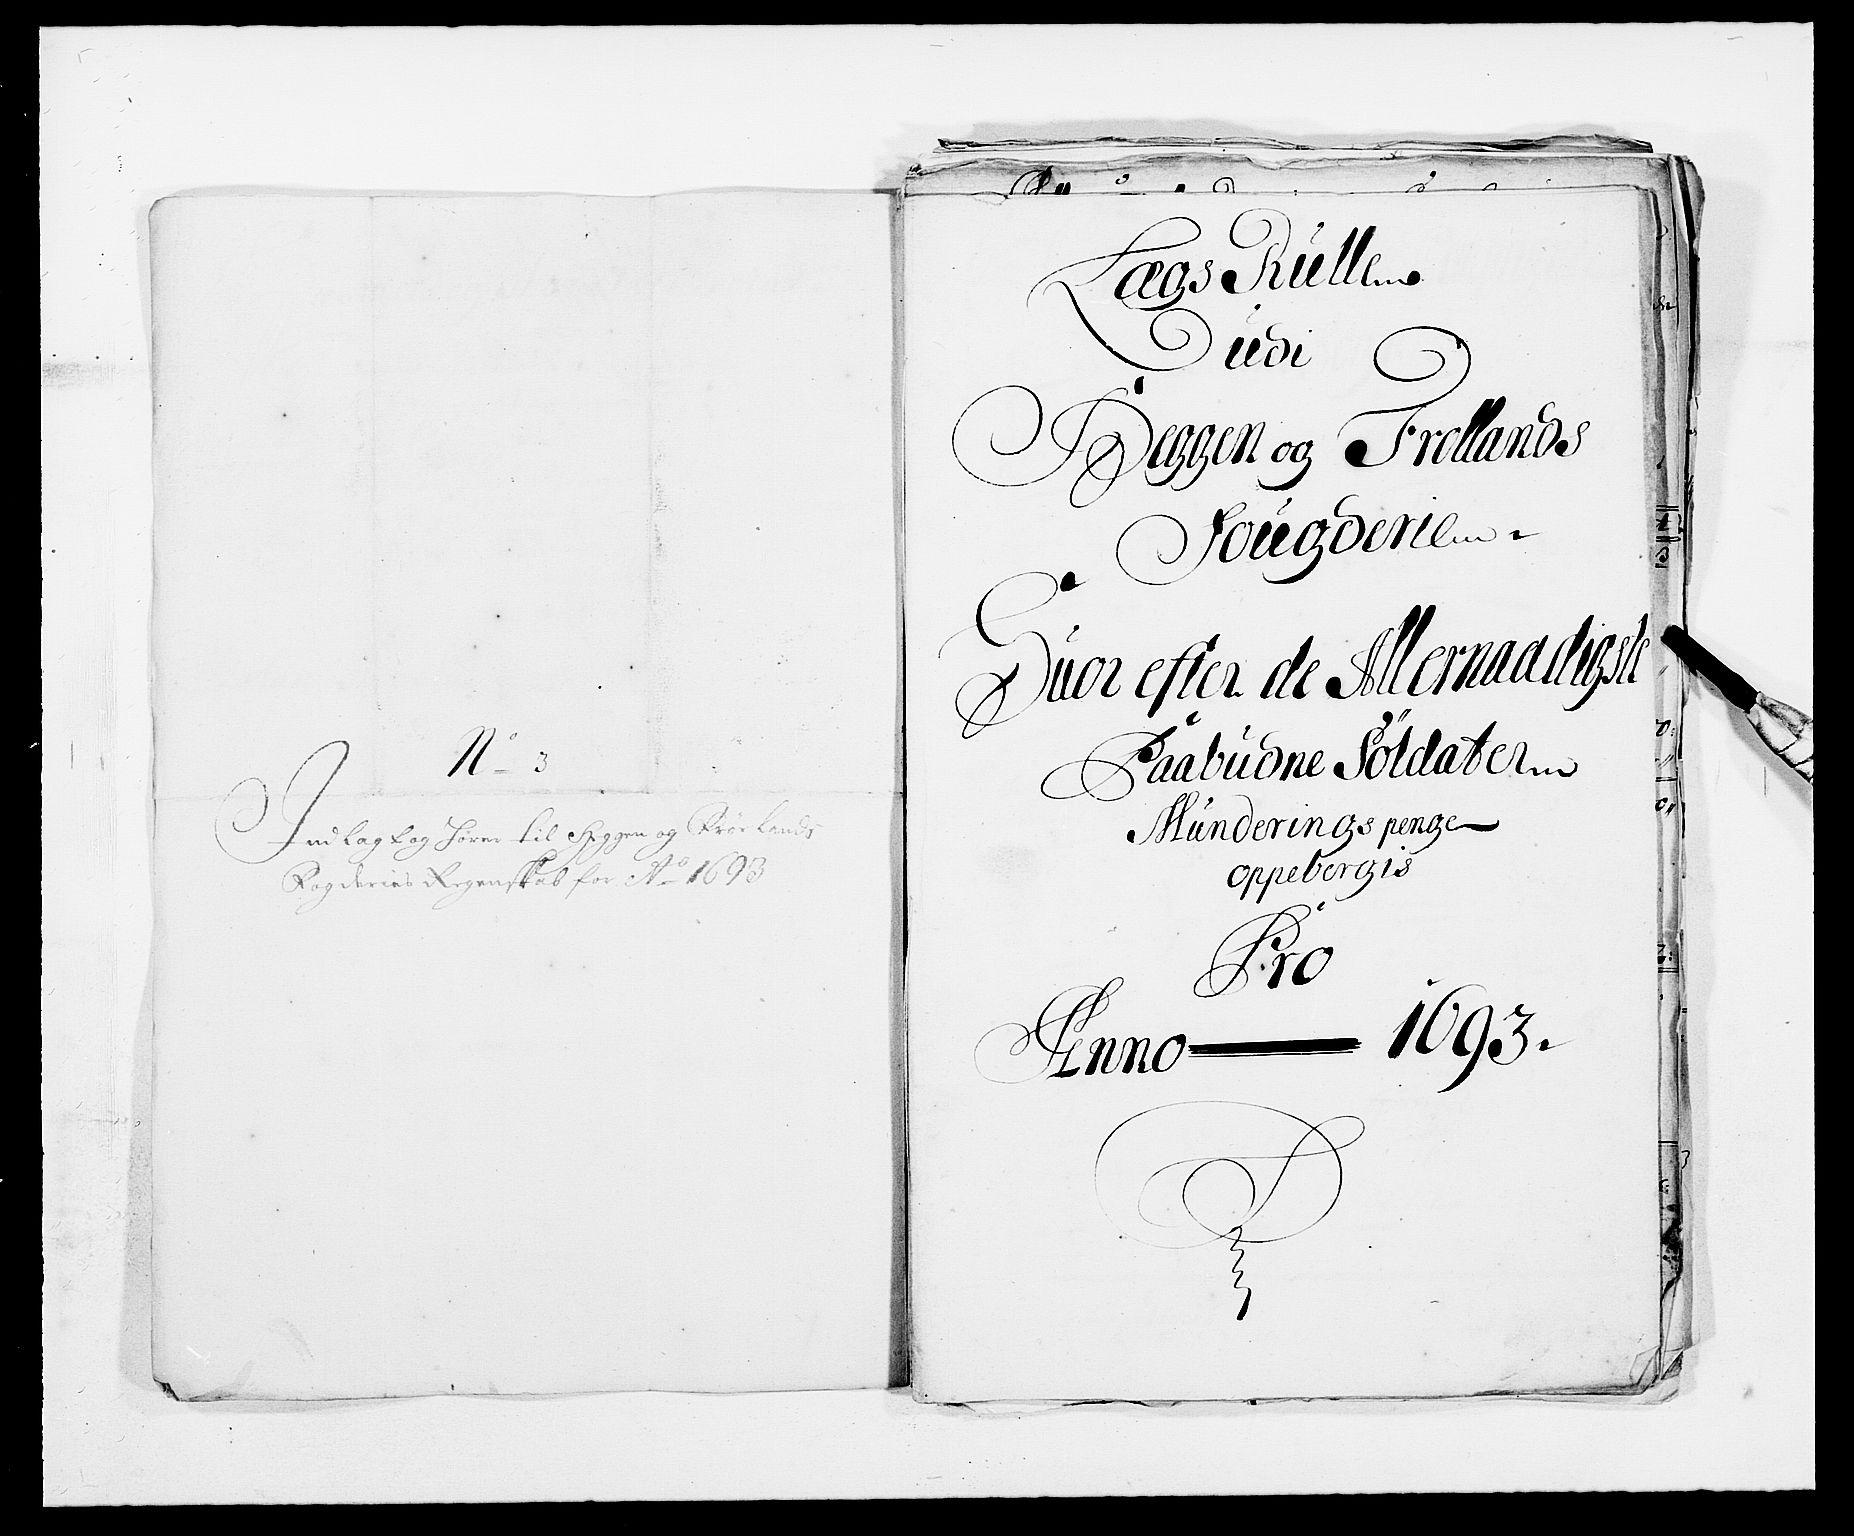 RA, Rentekammeret inntil 1814, Reviderte regnskaper, Fogderegnskap, R06/L0283: Fogderegnskap Heggen og Frøland, 1691-1693, s. 393